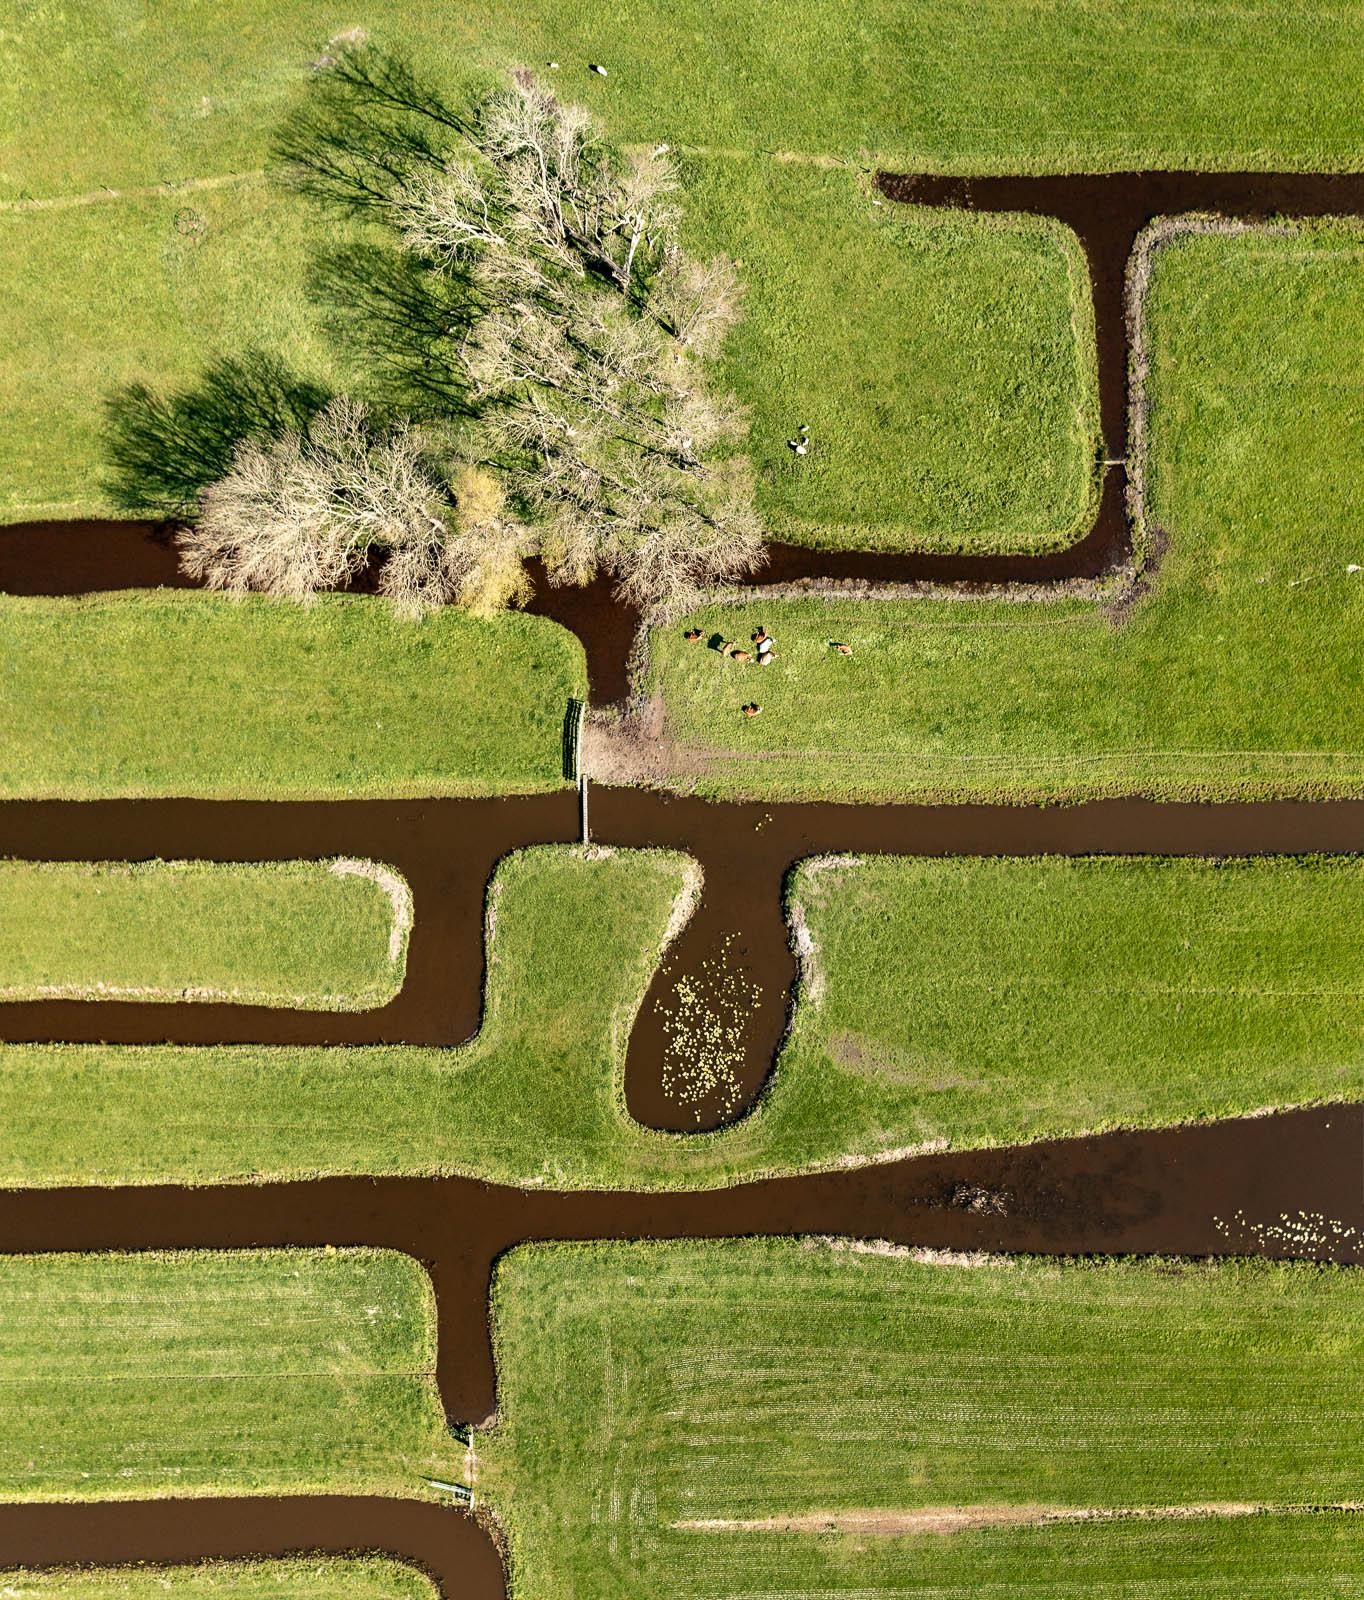 Worcflow Drone Fotografie. Beeld van bovenaf